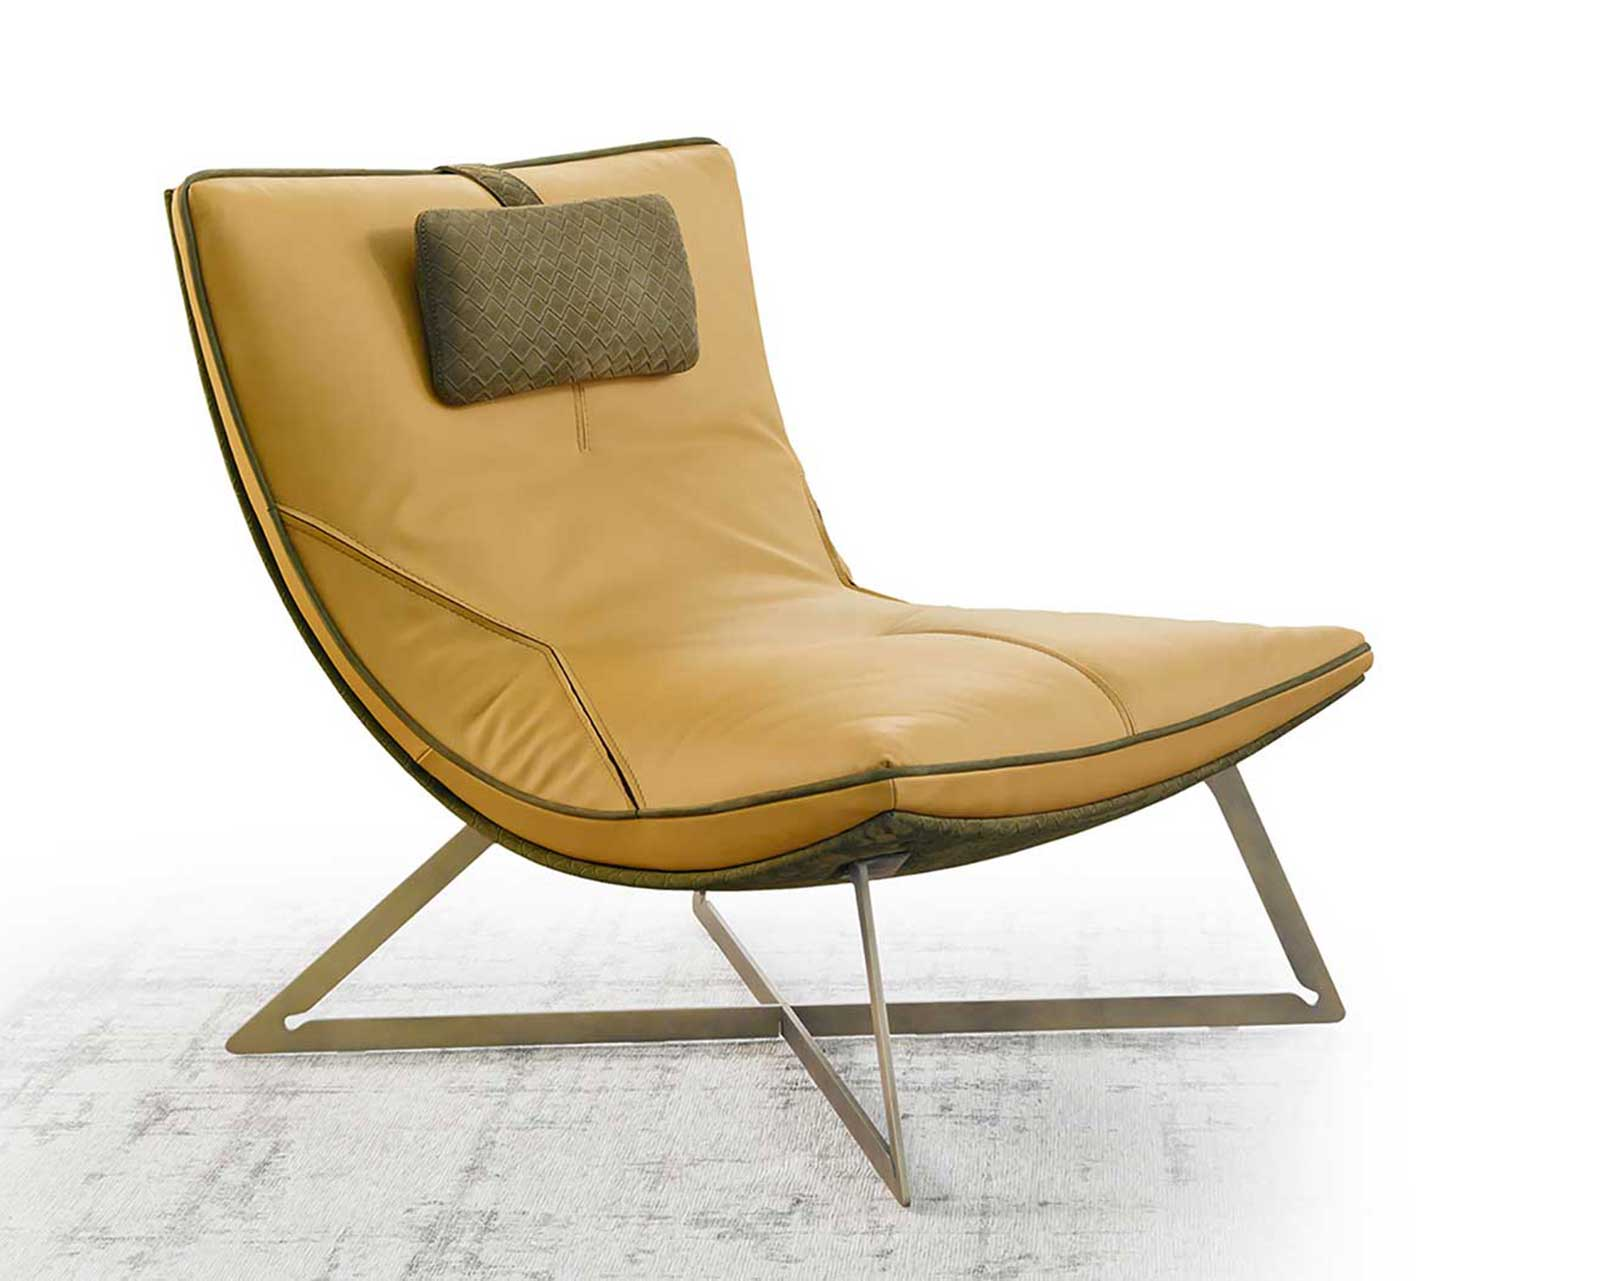 Chaise longue en cuir crème. Vente en ligne de fauteuils relax made in italy avec livraison gratuite. Meubles hauts de gamme design italien